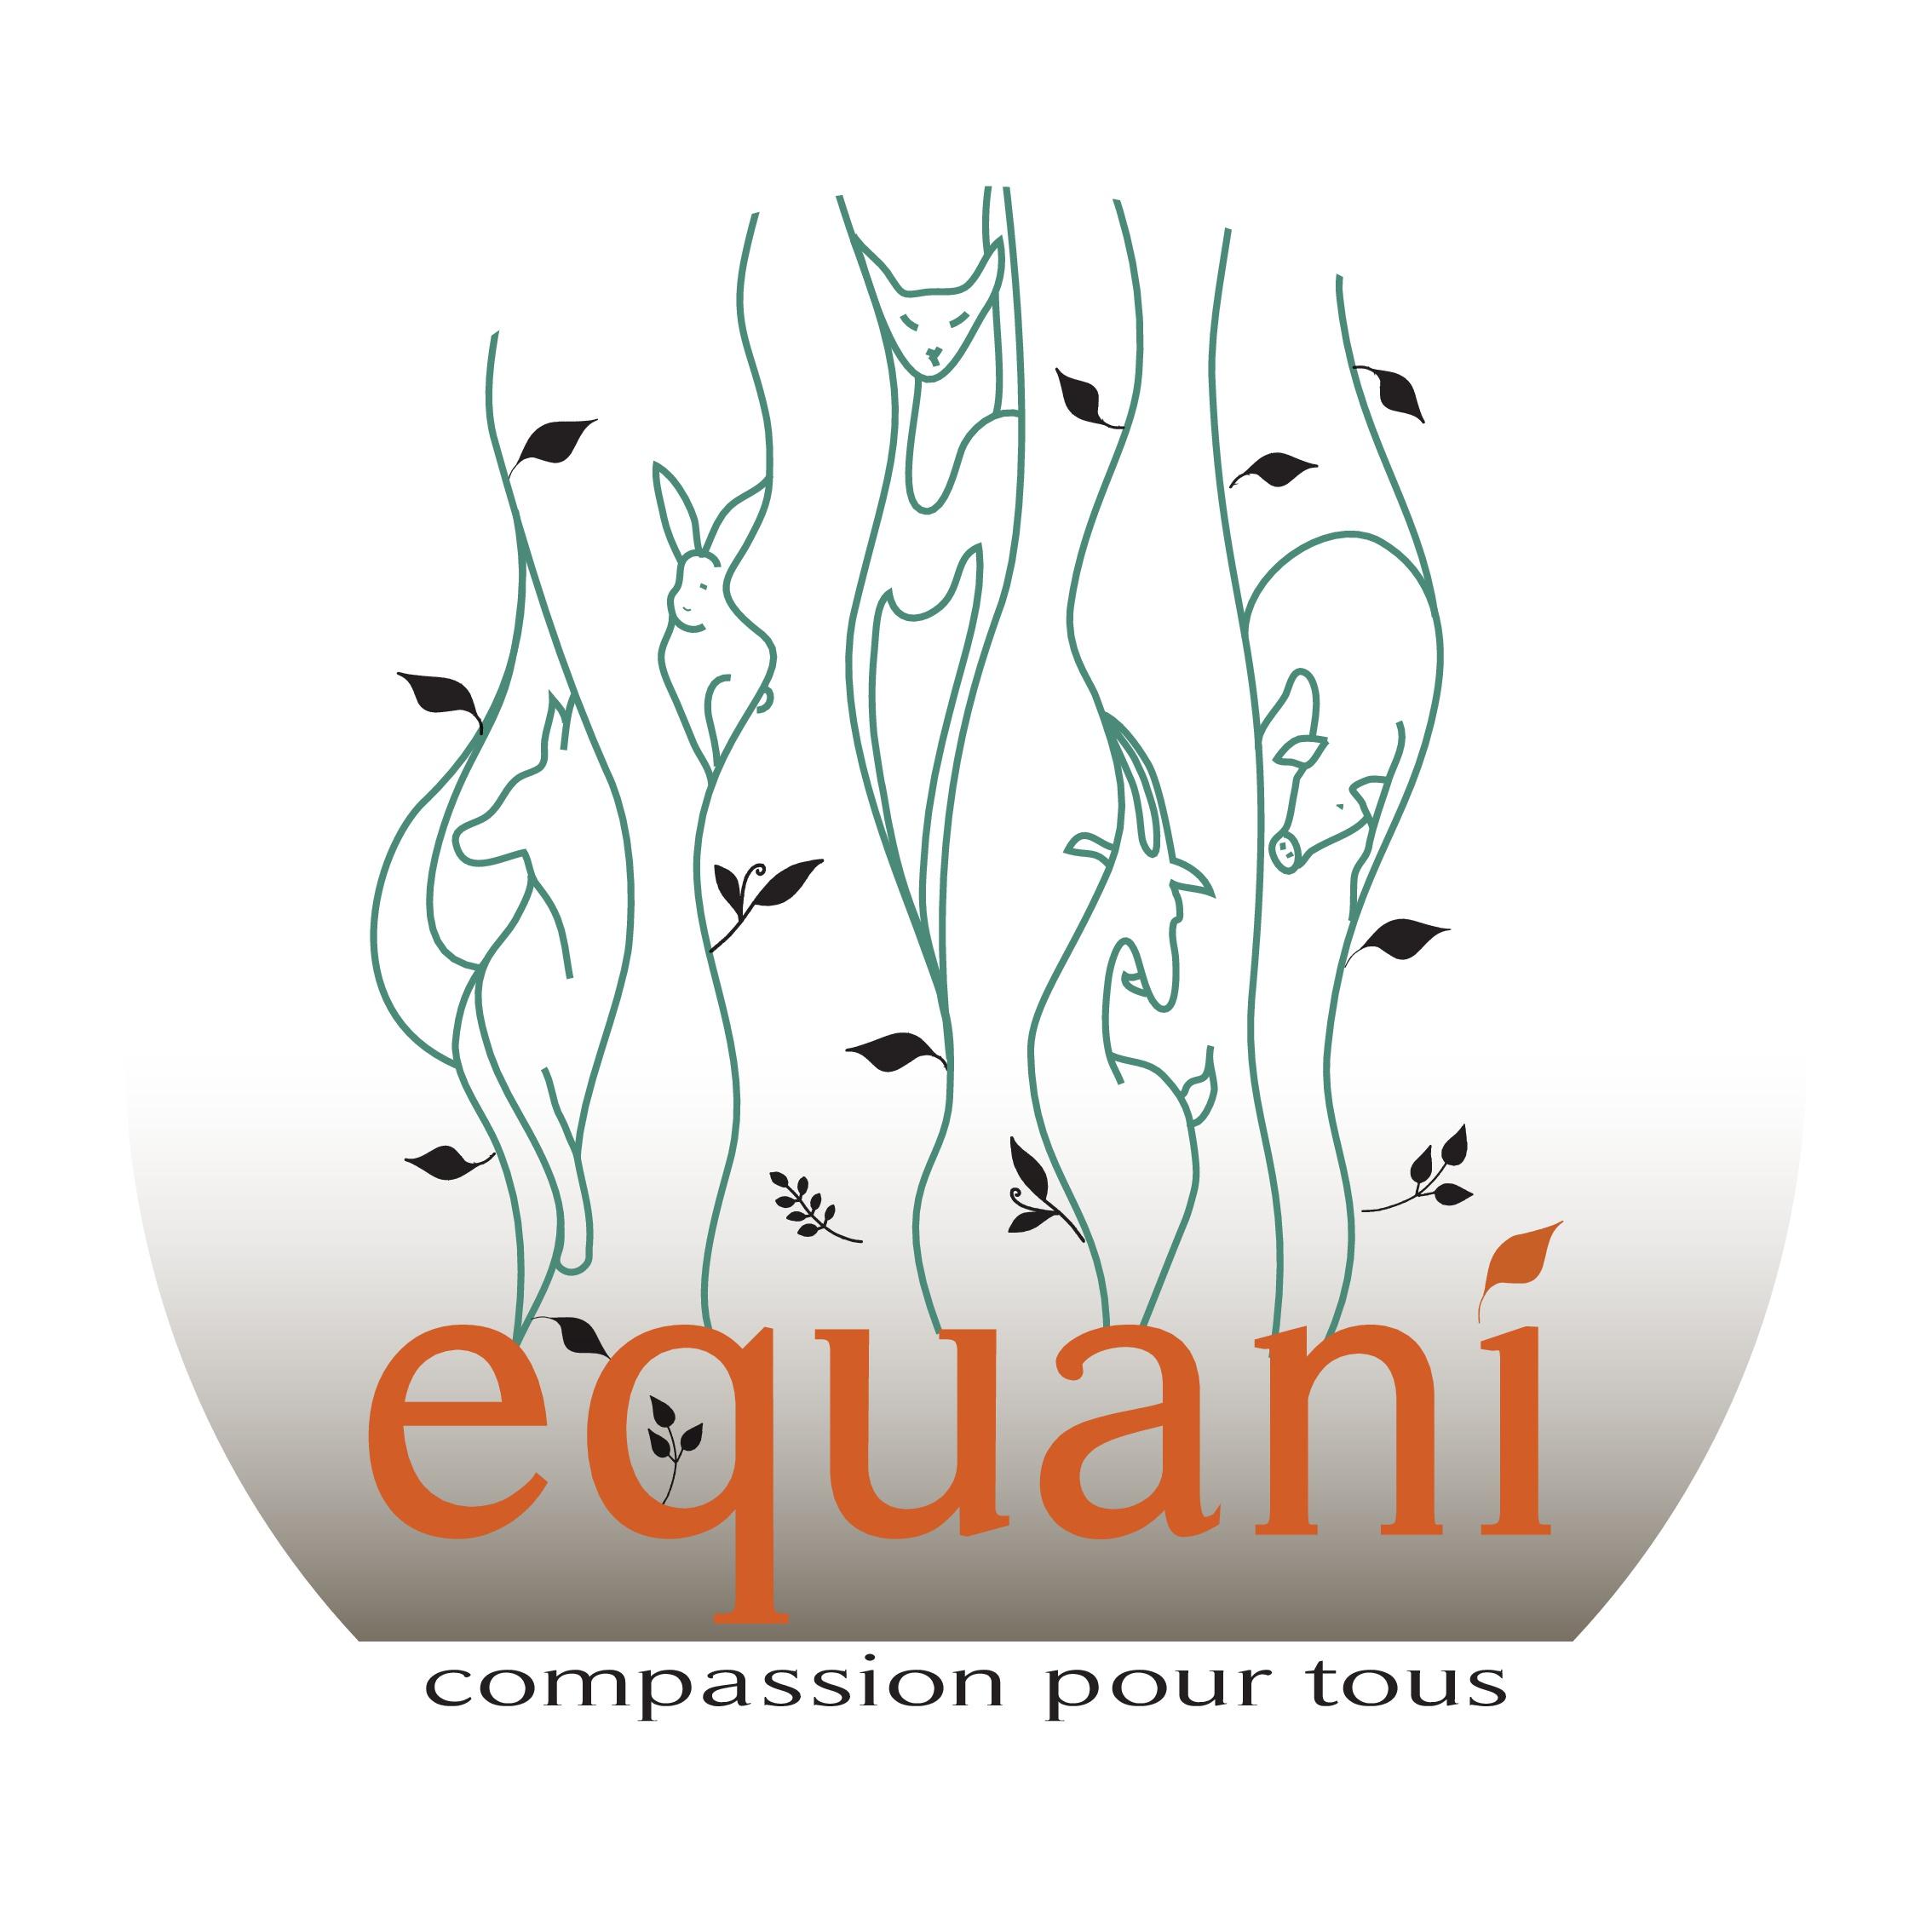 Equani, compassion pour tous